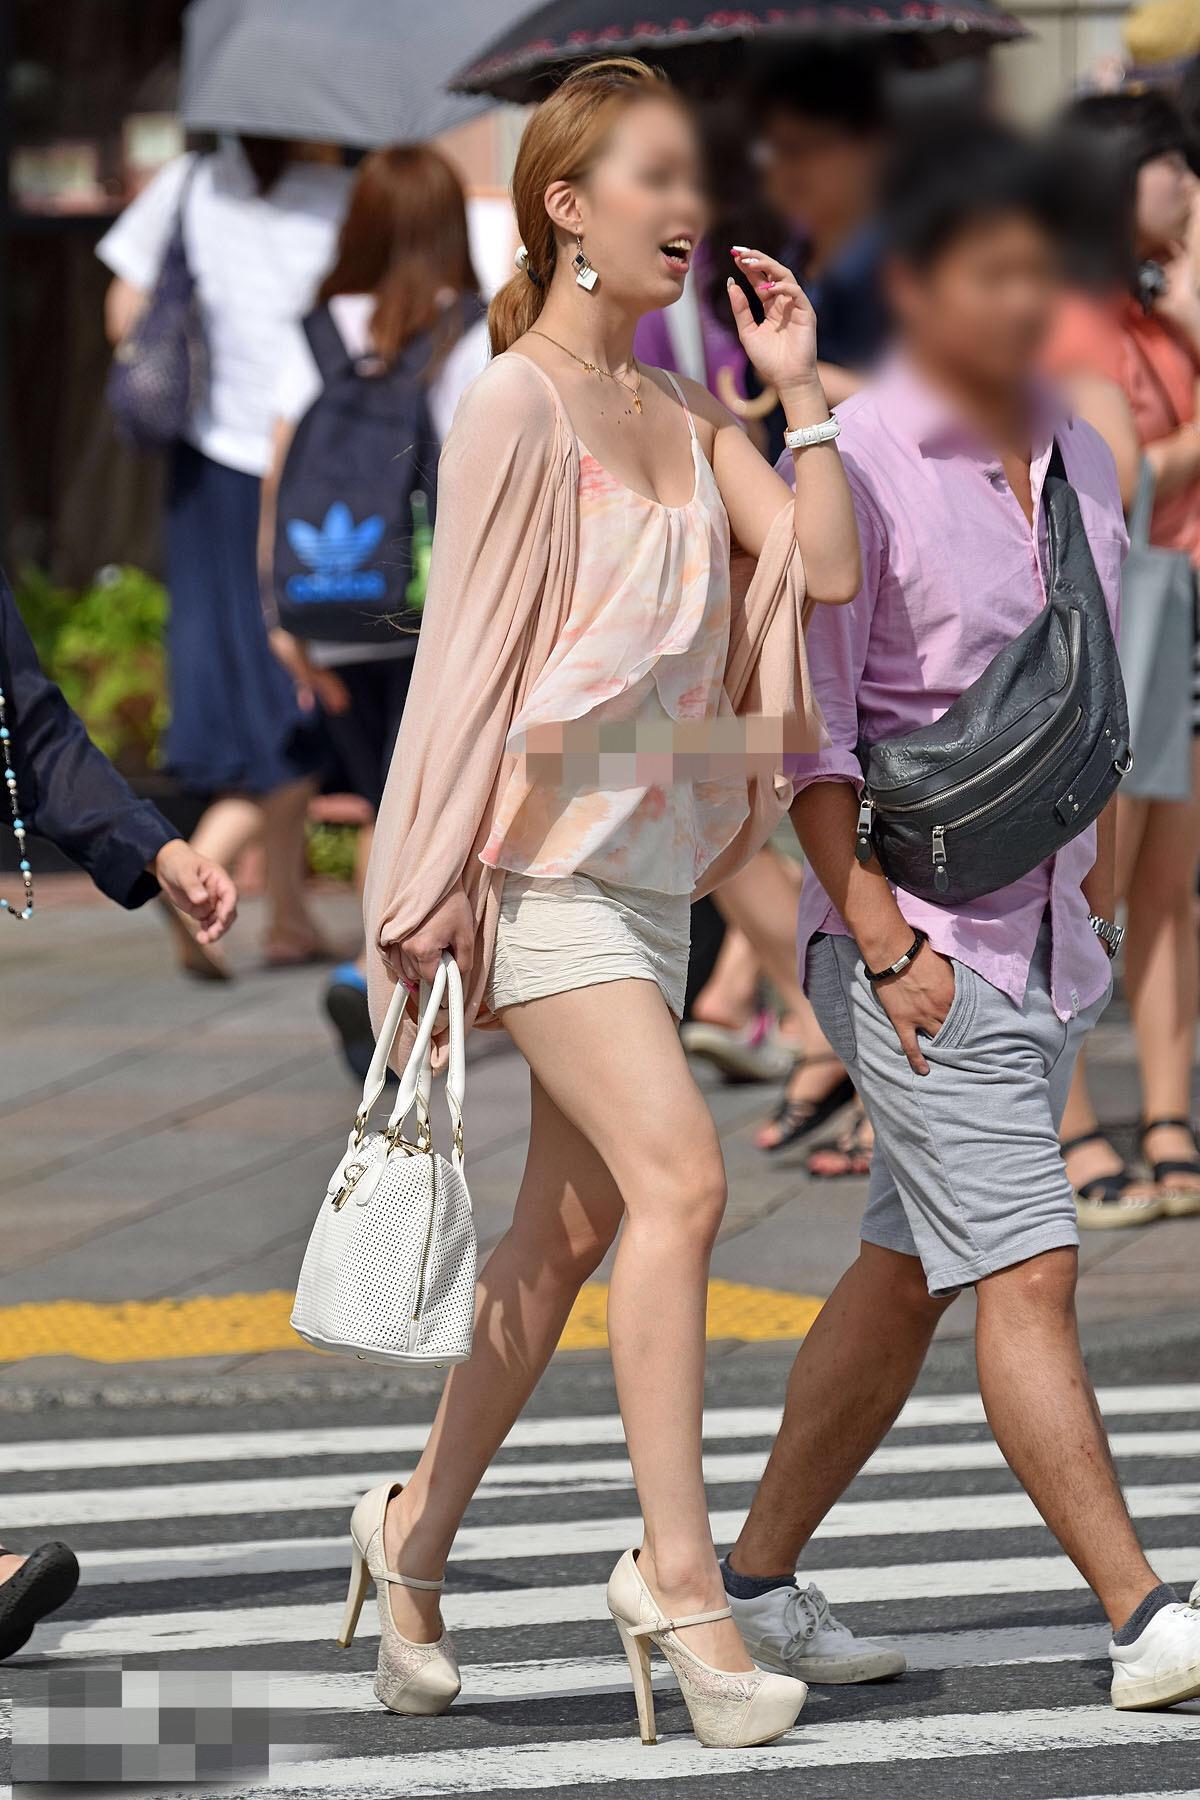 【着胸エロ画像】背中に当てて欲しいw目を引く街の着衣巨乳(;´Д`)